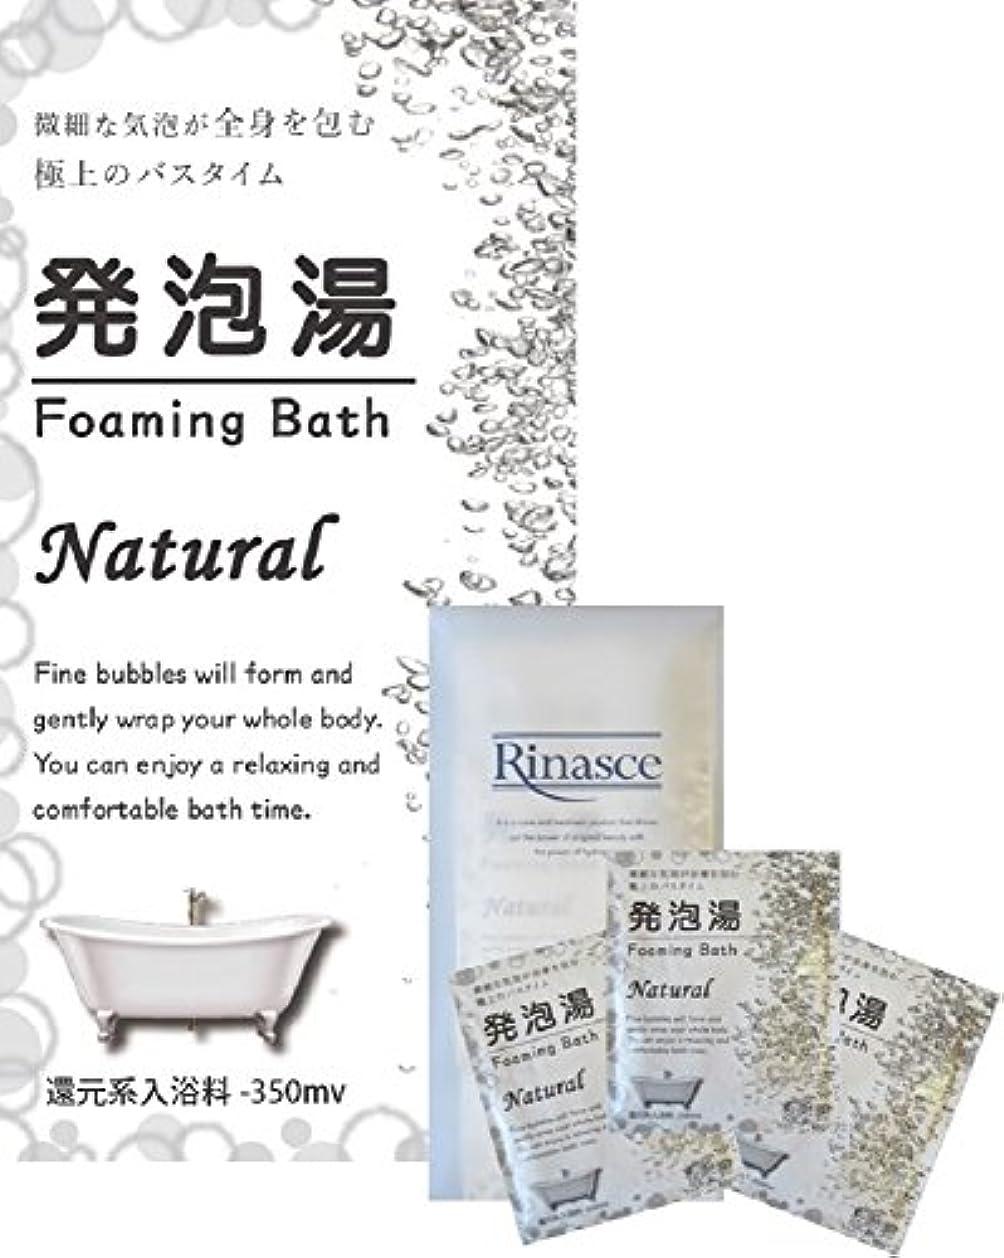 ぬいぐるみケントしないでください【ゆうメール対象】発泡湯(はっぽうとう) Foaming Bath Natural ナチュラル 40g 3包セット/微細な気泡が全身を包む極上のバスタイム